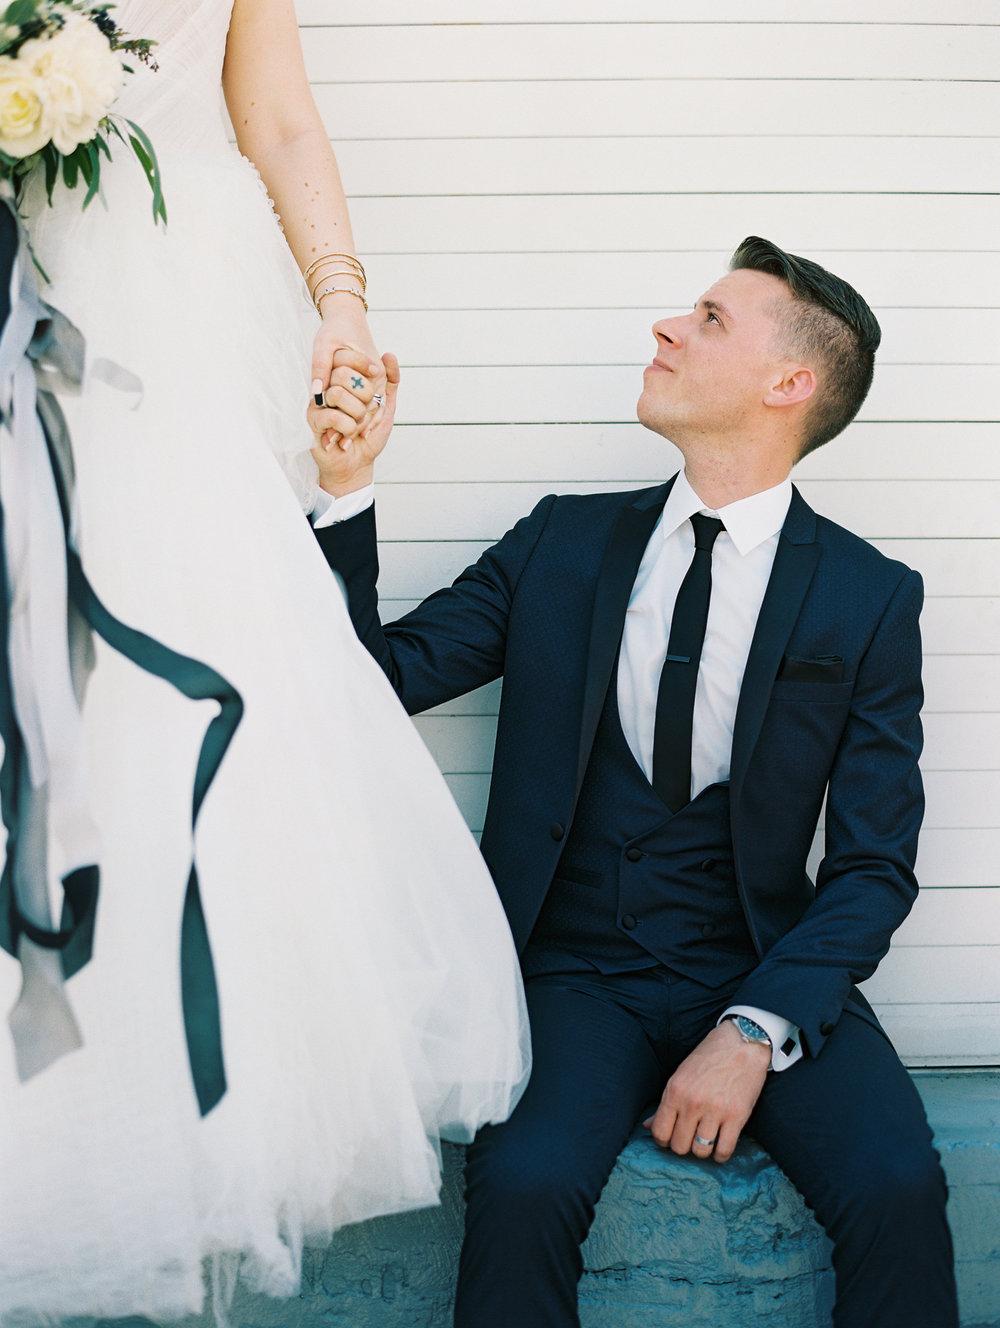 02_Bride and Groom-0256.jpg